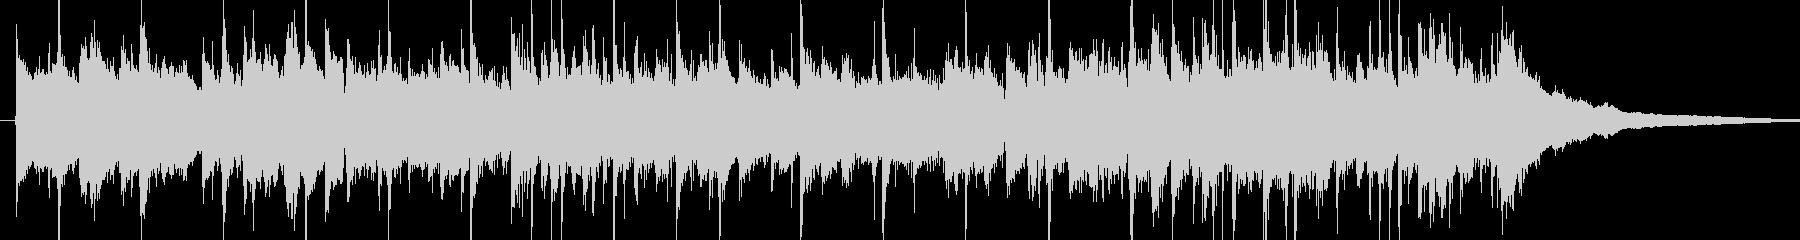 ピアノの旋律が印象的なジングルの未再生の波形